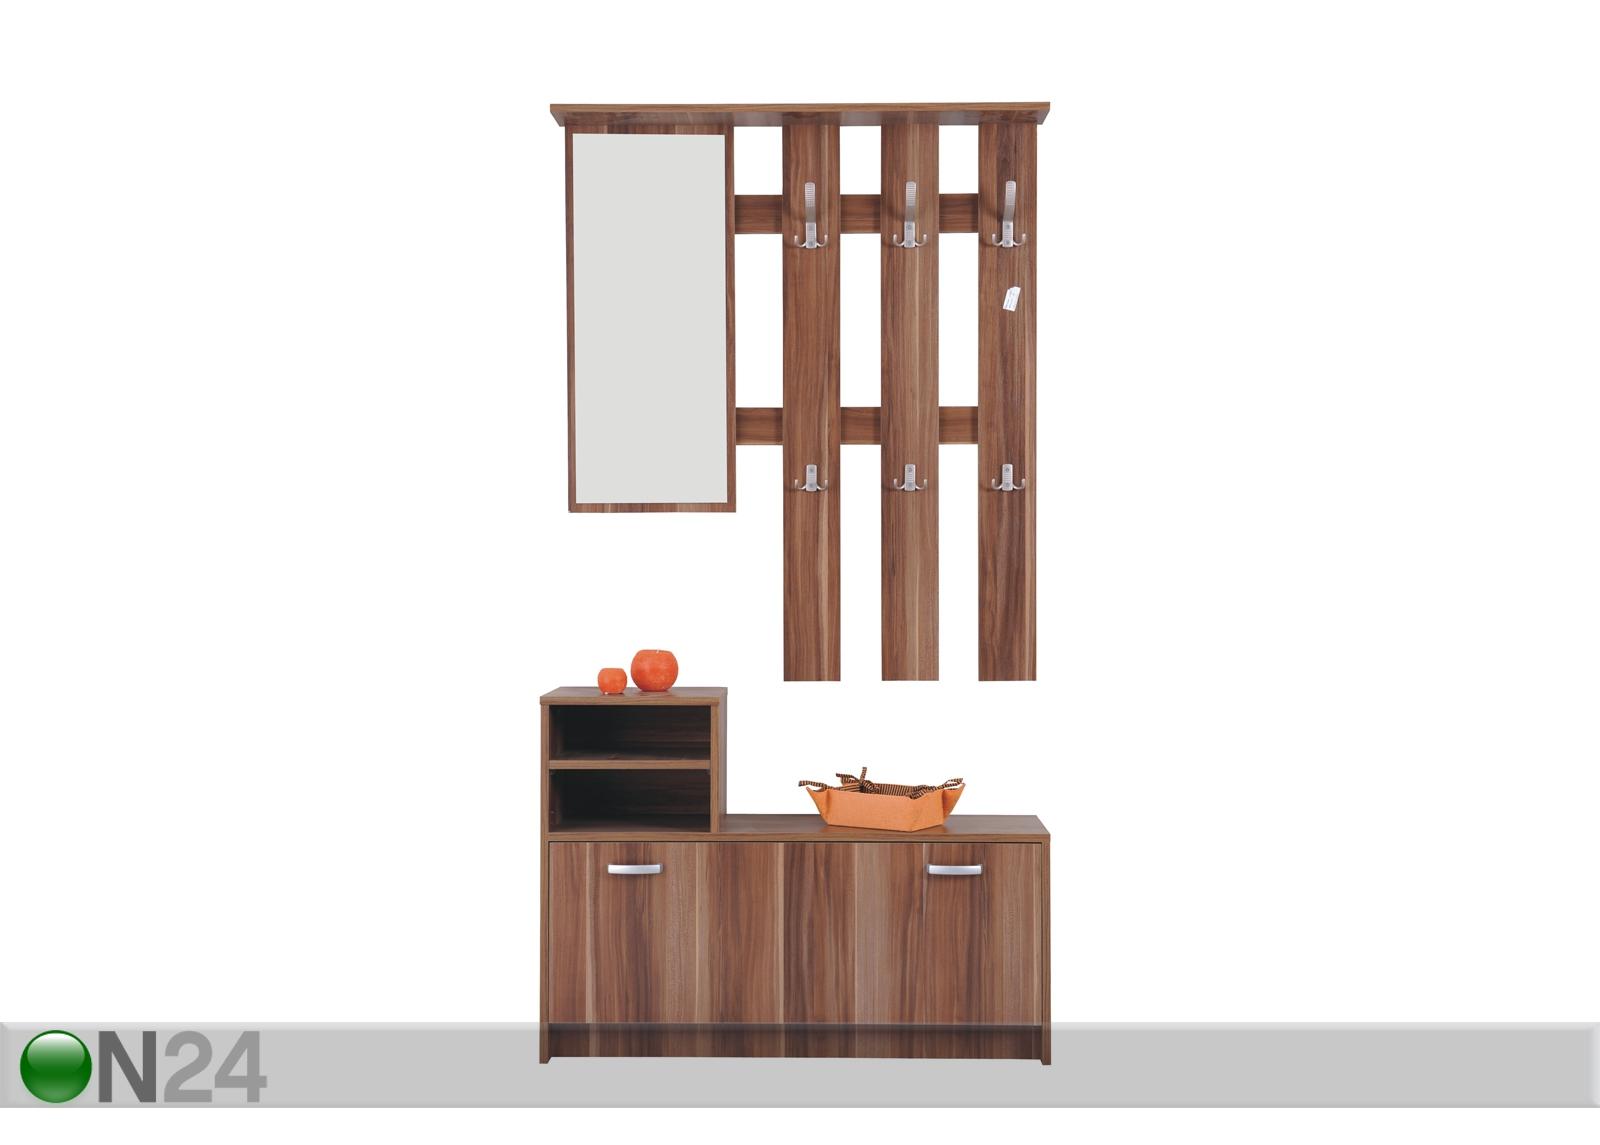 бескаркасная мебель выкройки